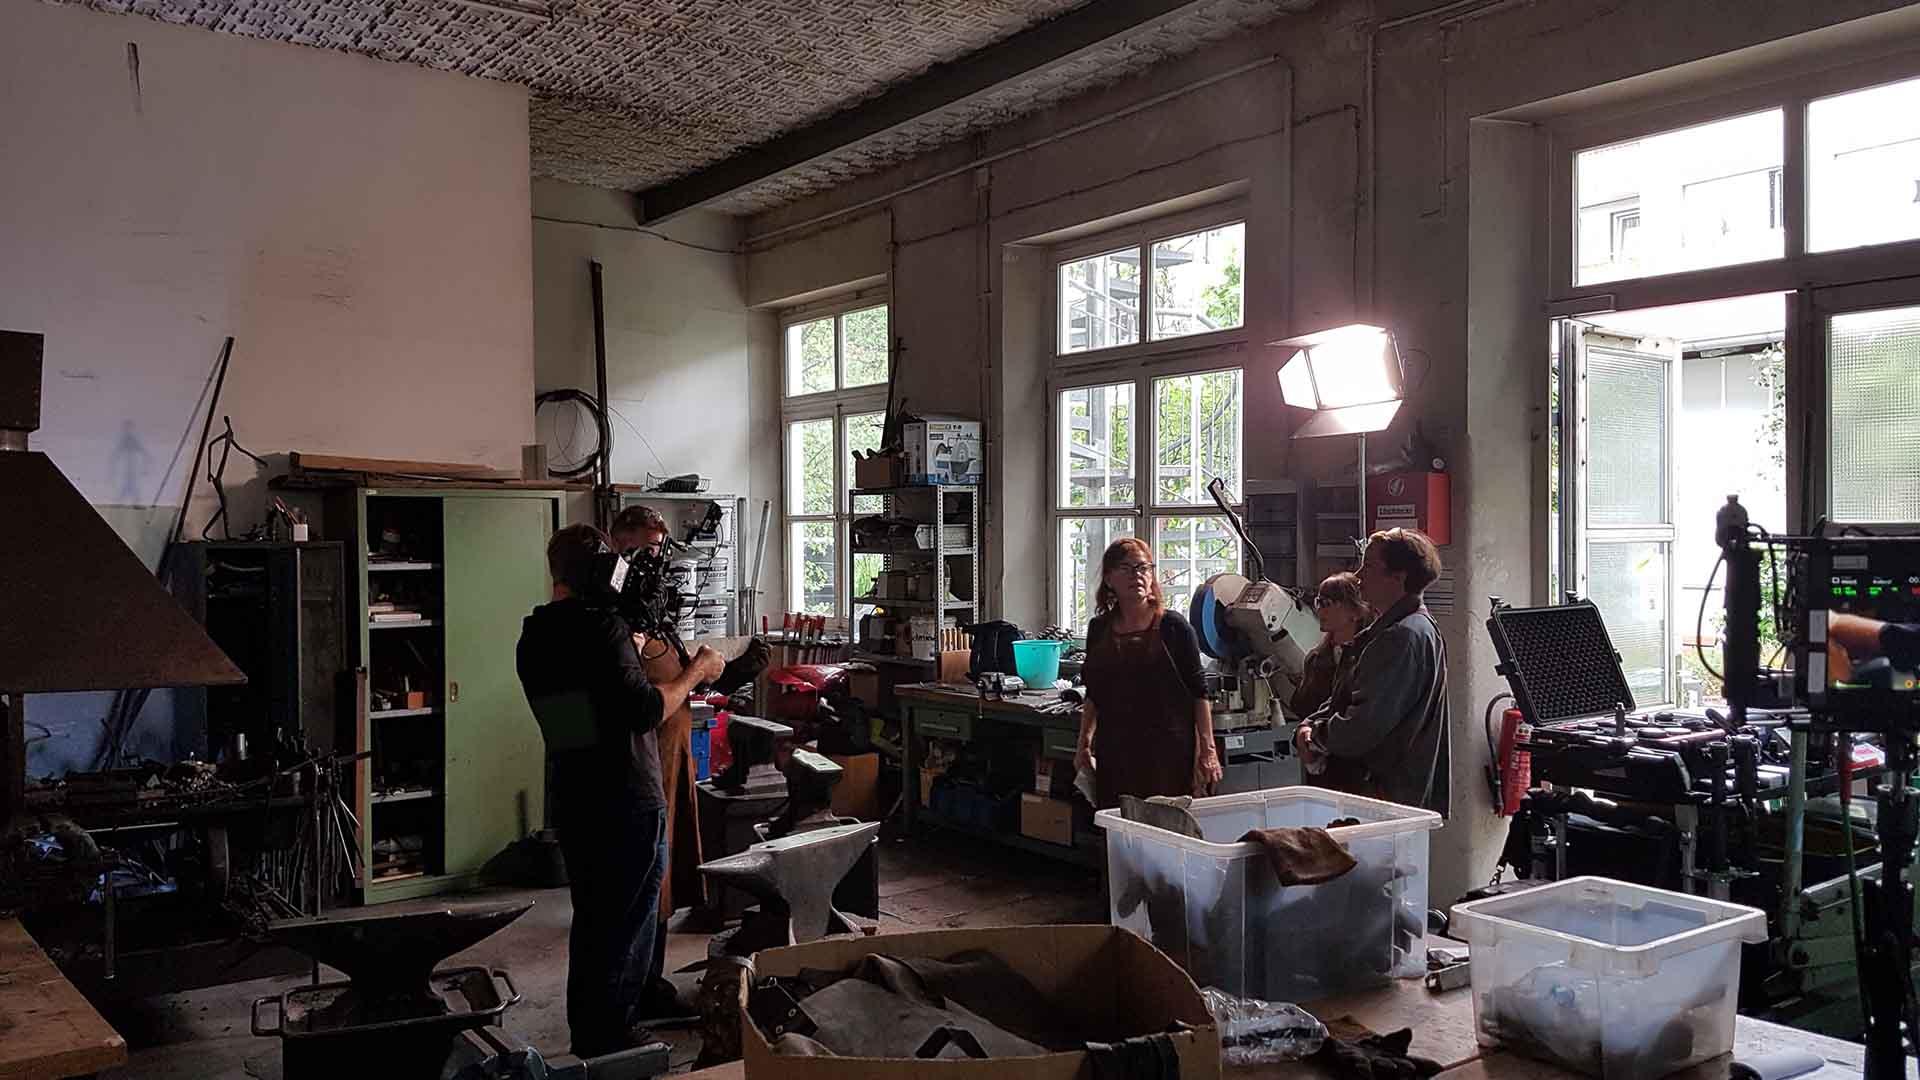 Das Bild zeigt einen Raum der zum Schmieden verwendet wird. Man sieht einen Amboss. Ein Kameramann filmt das geschehen. Das Bild dient als Sliderbild für den Portfolioeintrag Bayerischer Volkshochschulverband von Panda Pictures.